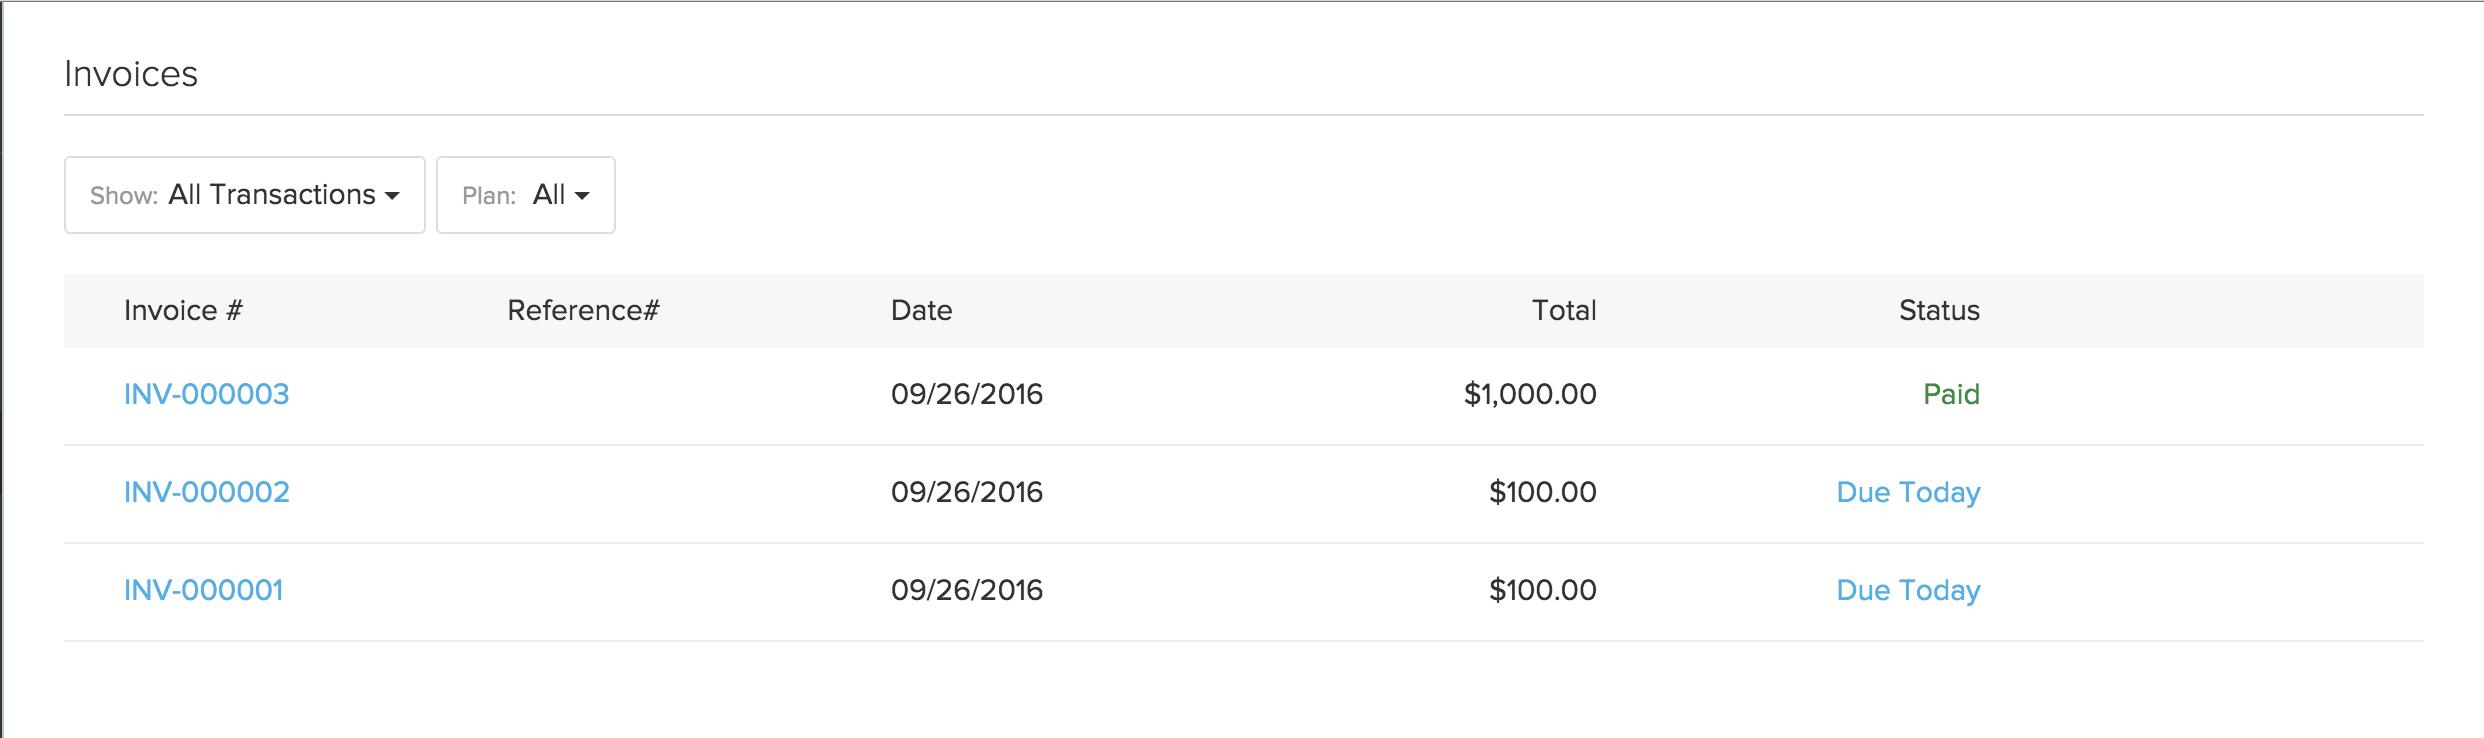 Invoices 1